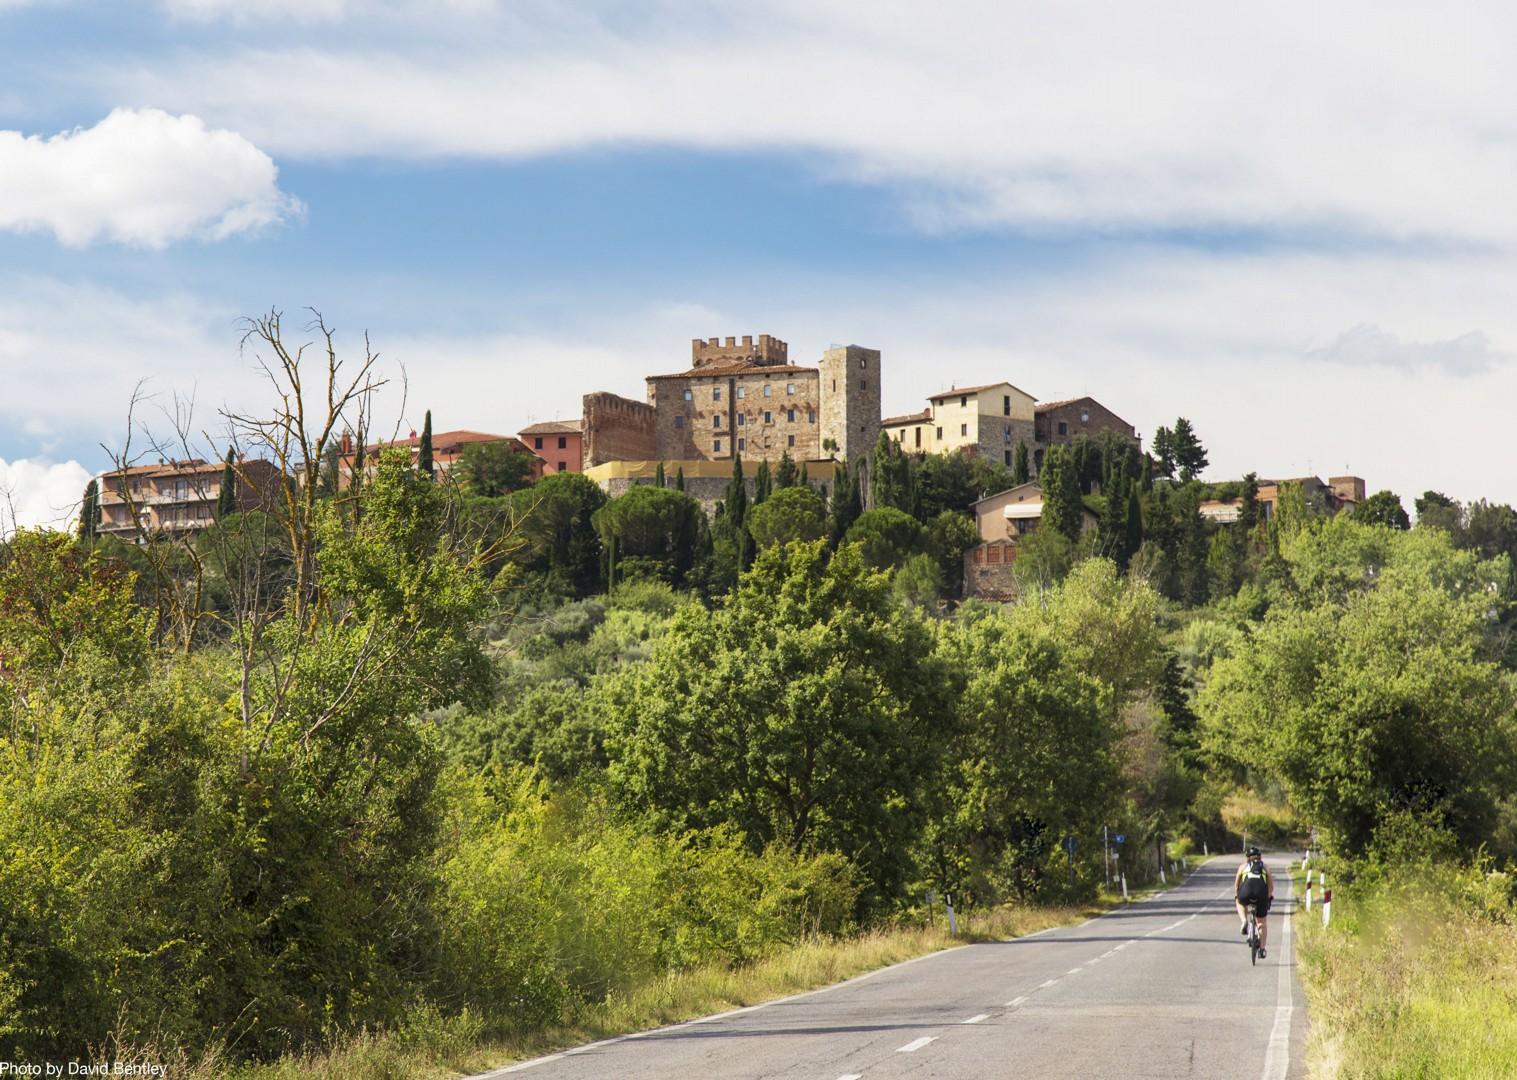 road-cycling-tuscany-italy.jpg - Italy - Tuscany Tourer - Self Guided Road Cycling Holiday - Road Cycling